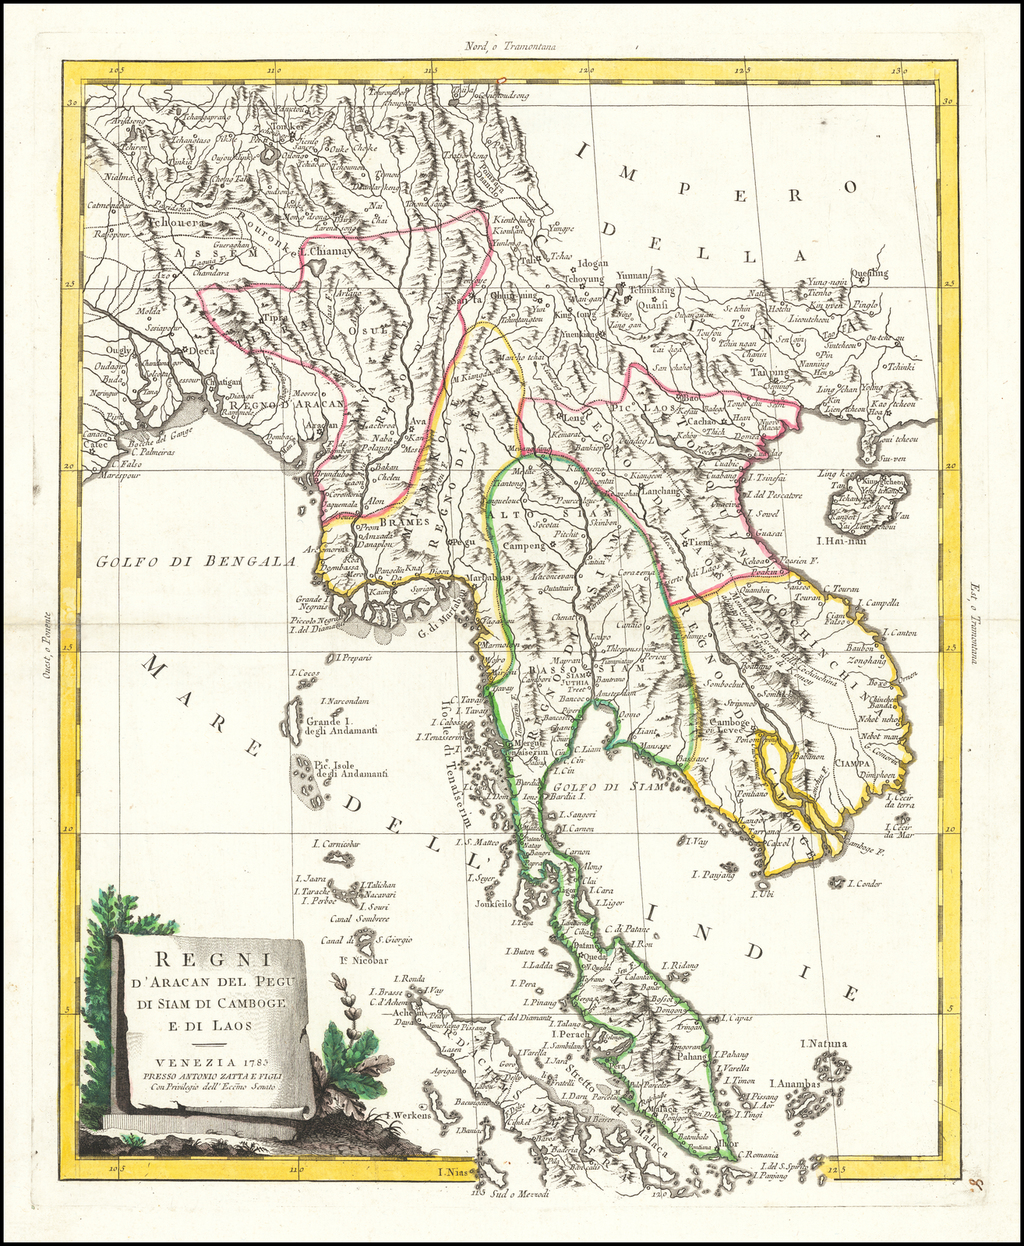 Regni D'Aracan Del Pegu Di Siam Di Camboge E Di Laos . . . 1785 By Antonio Zatta